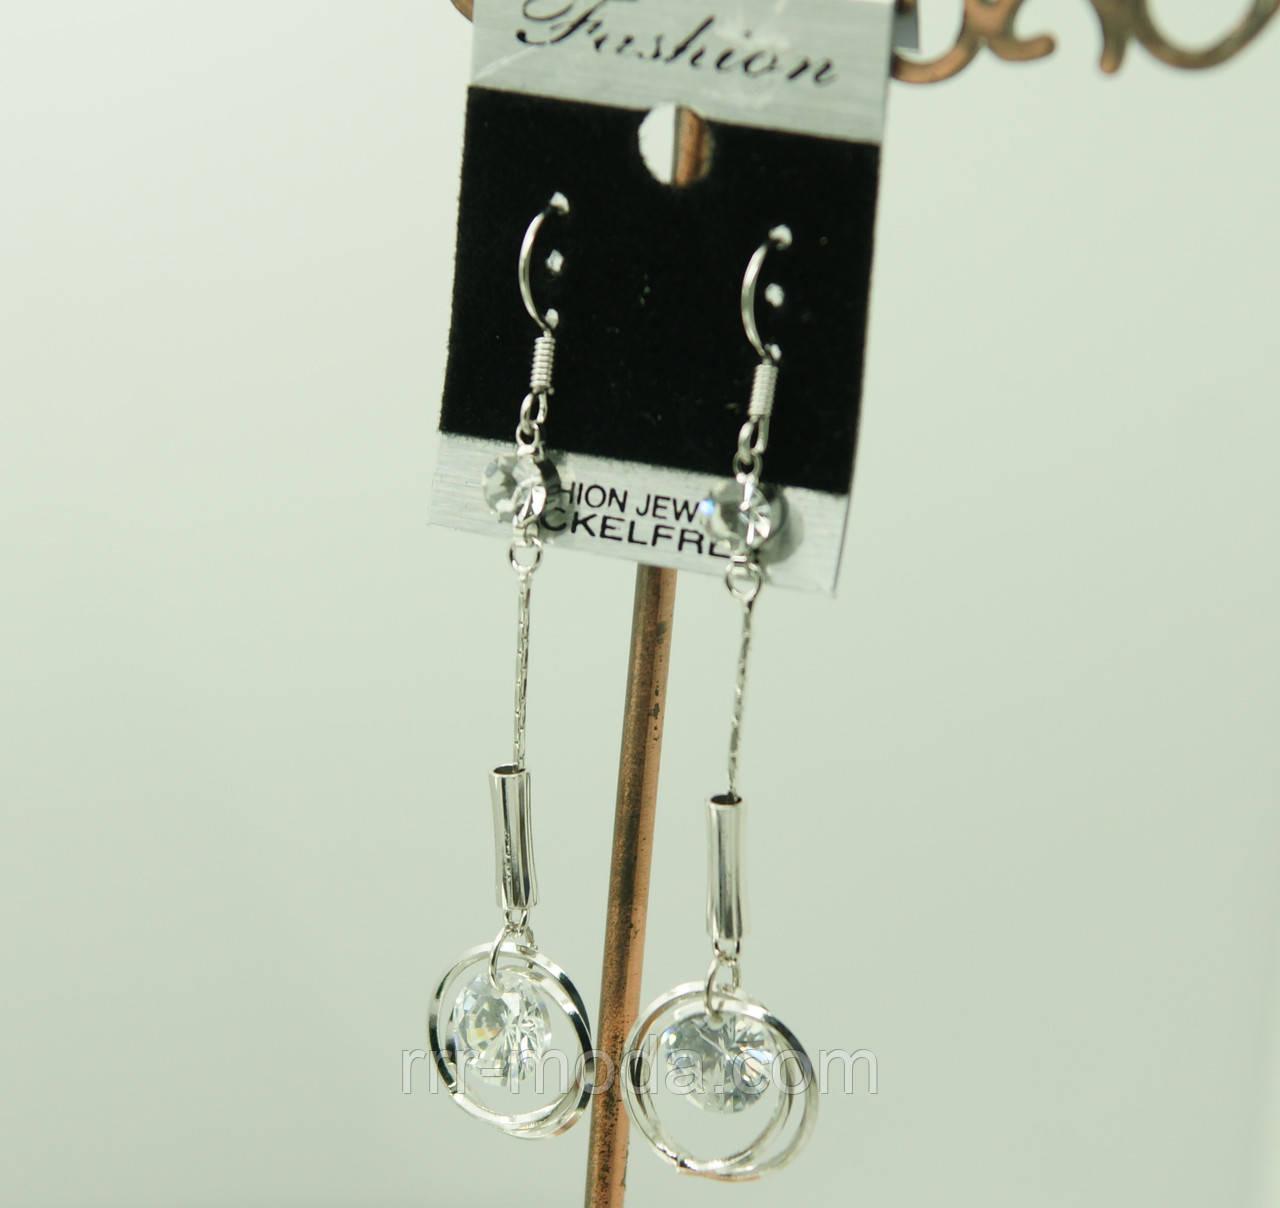 Дизайнерские серьги с круглыми кристаллами Swarovski., украшения сваровски оптом. 418